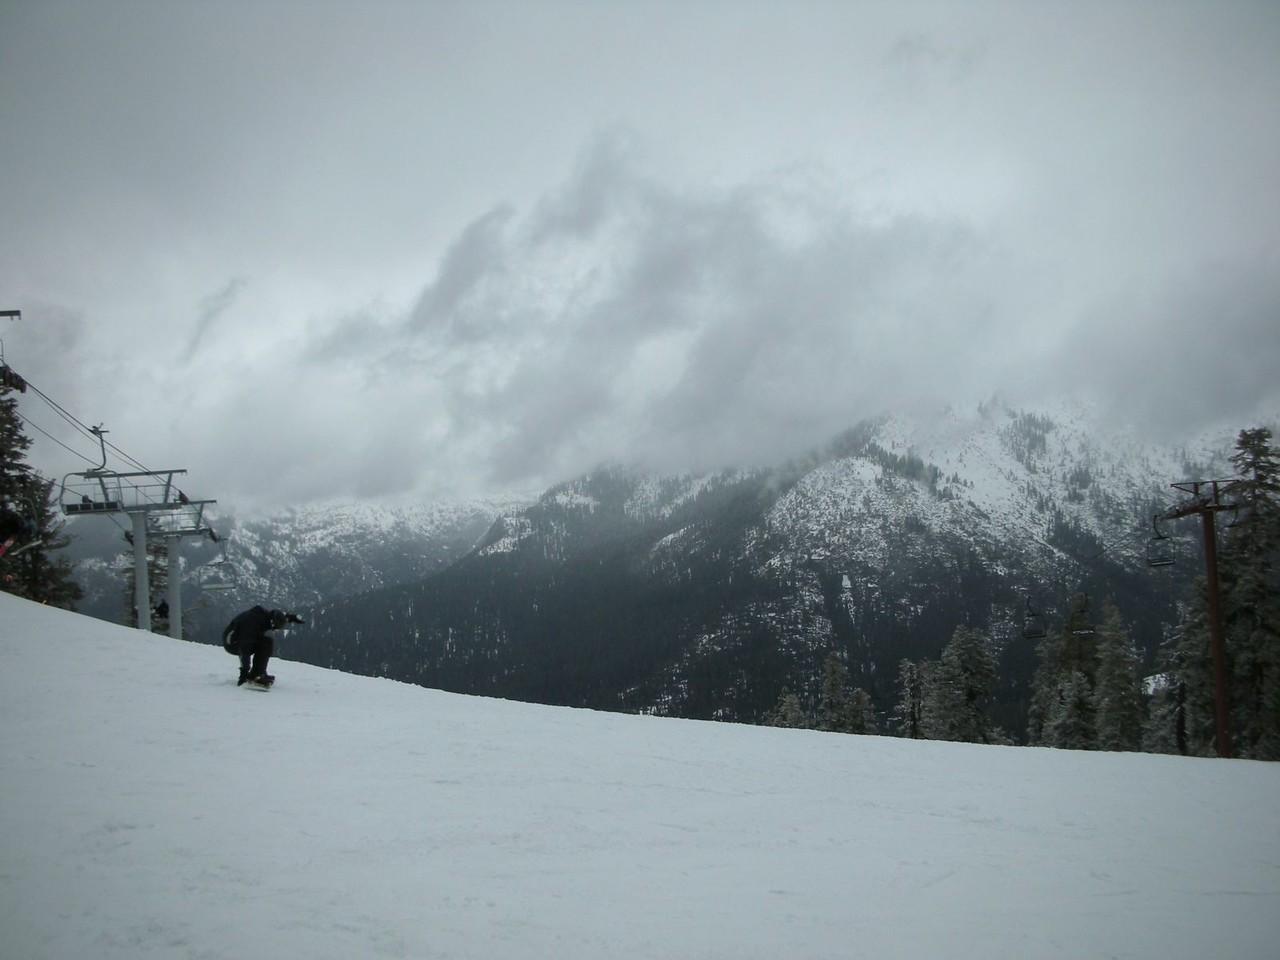 Still skiing....